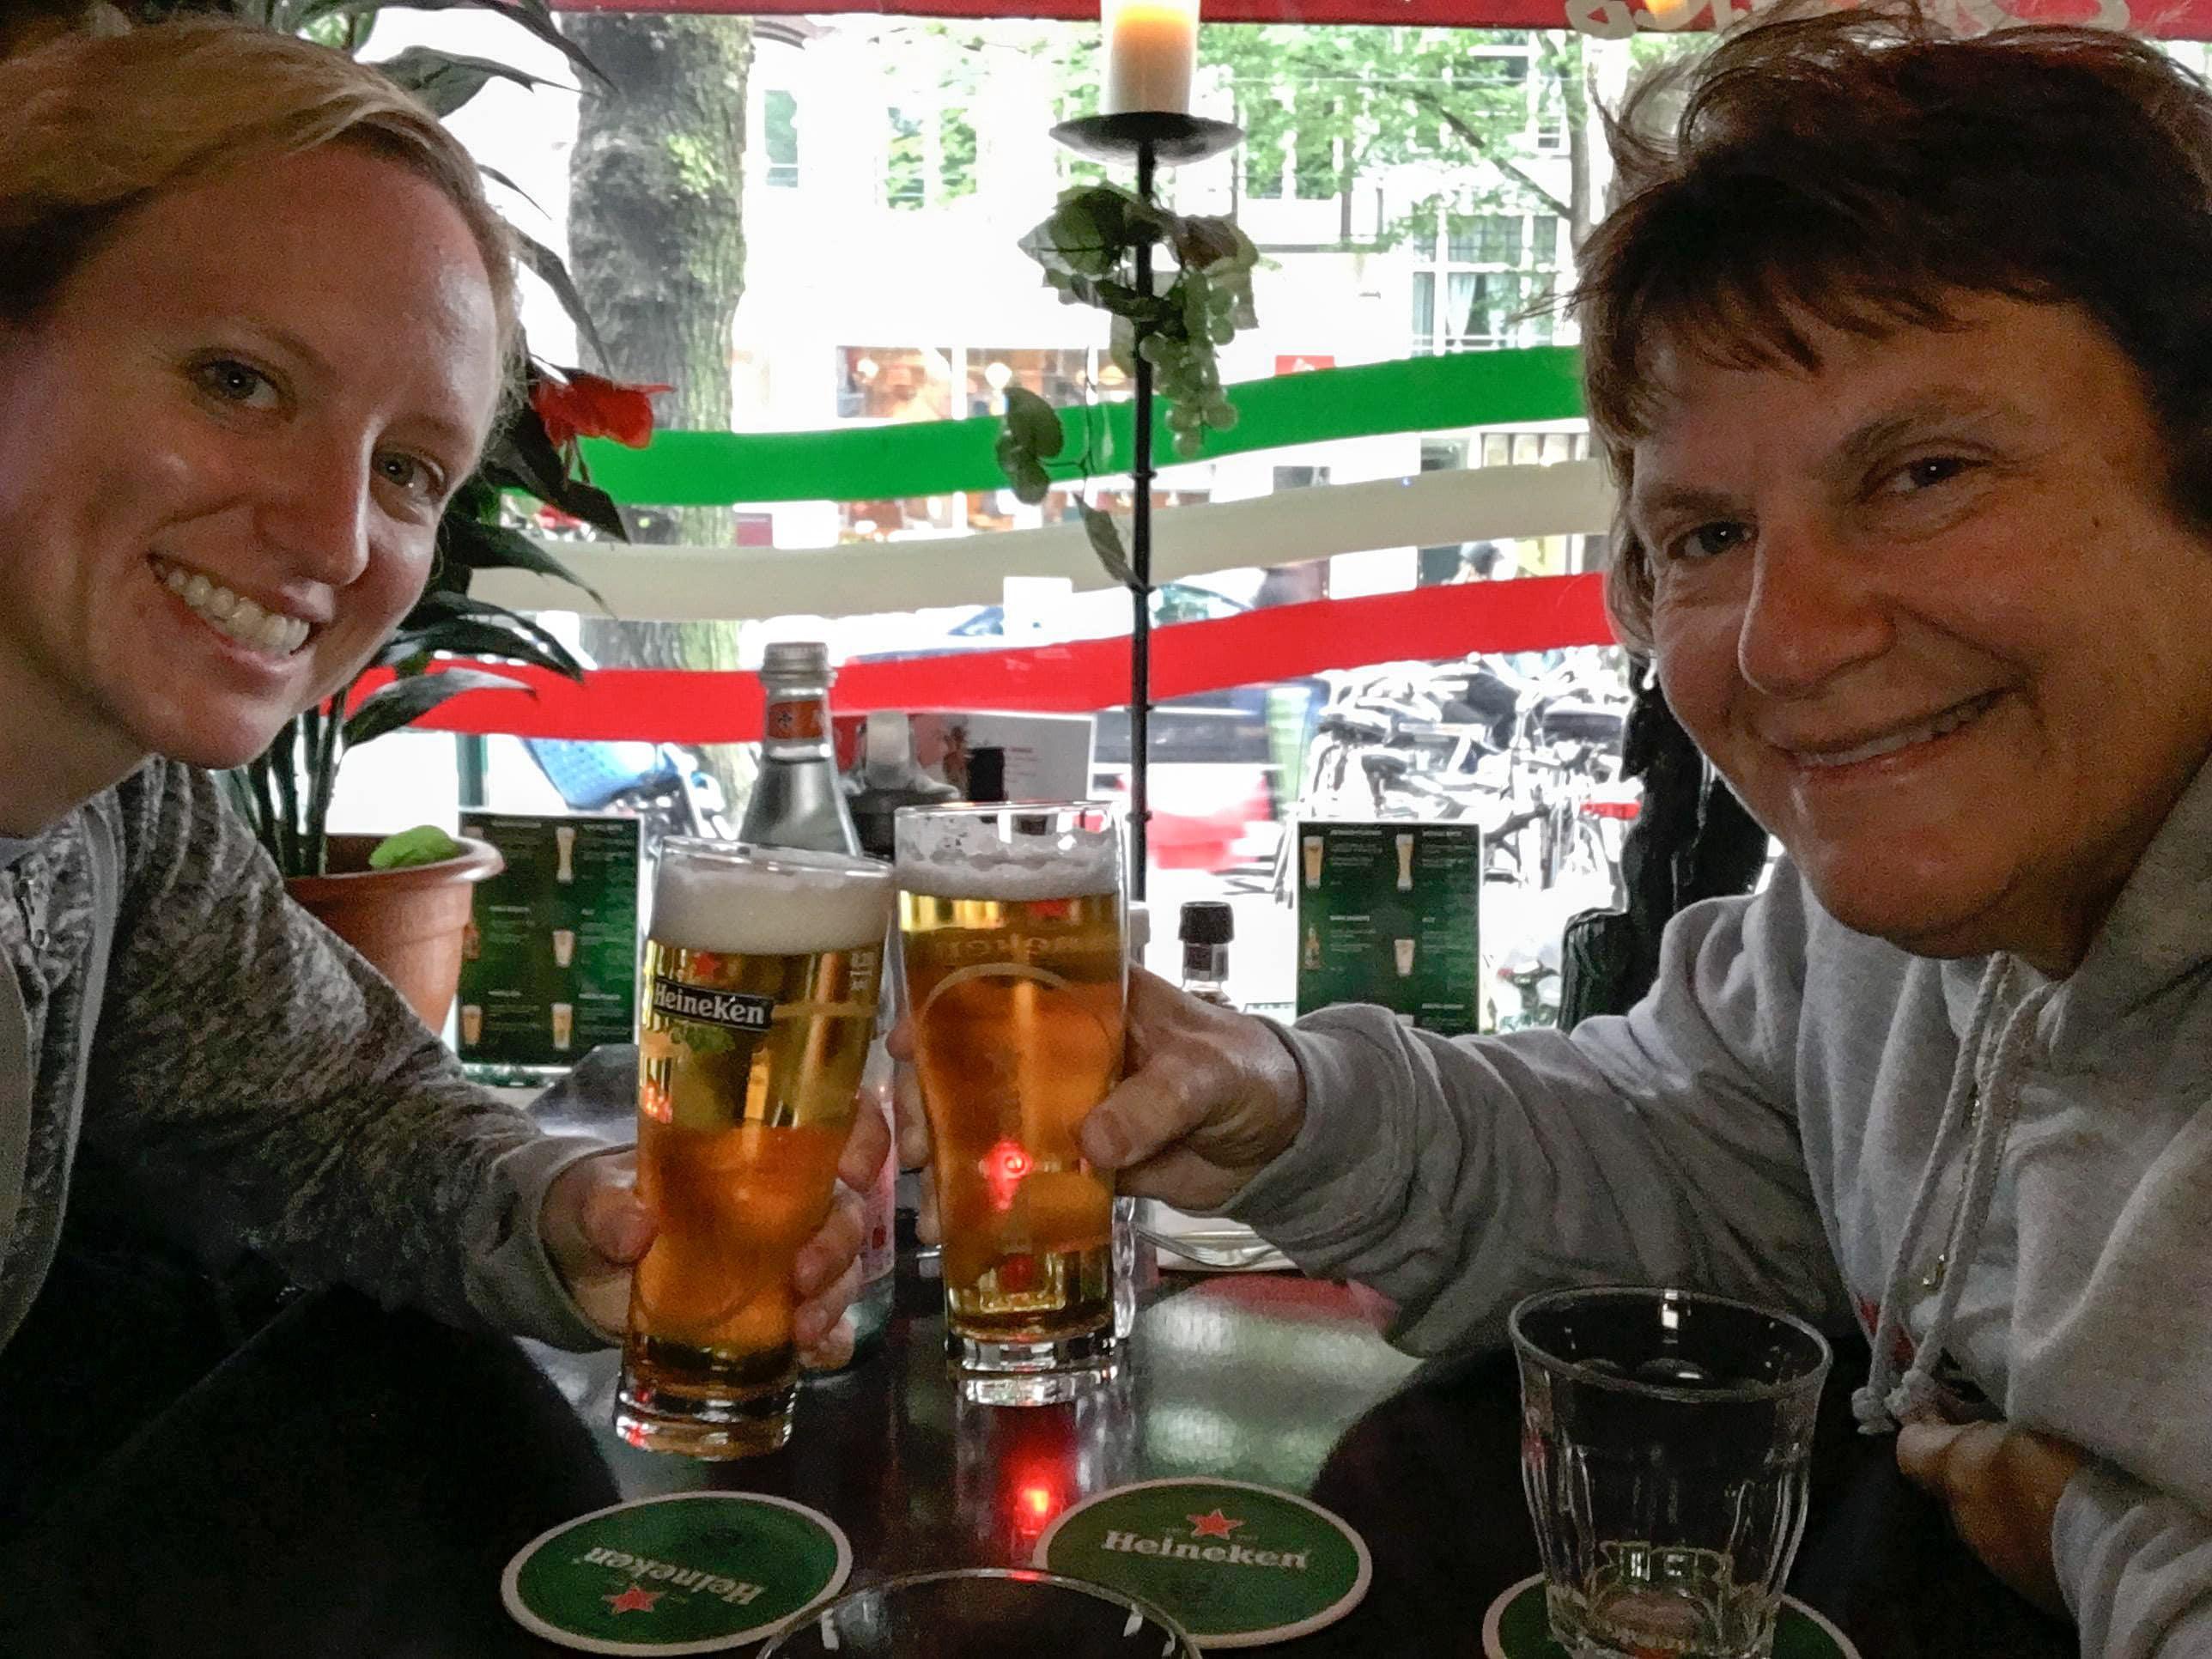 Amsterdam Heineken